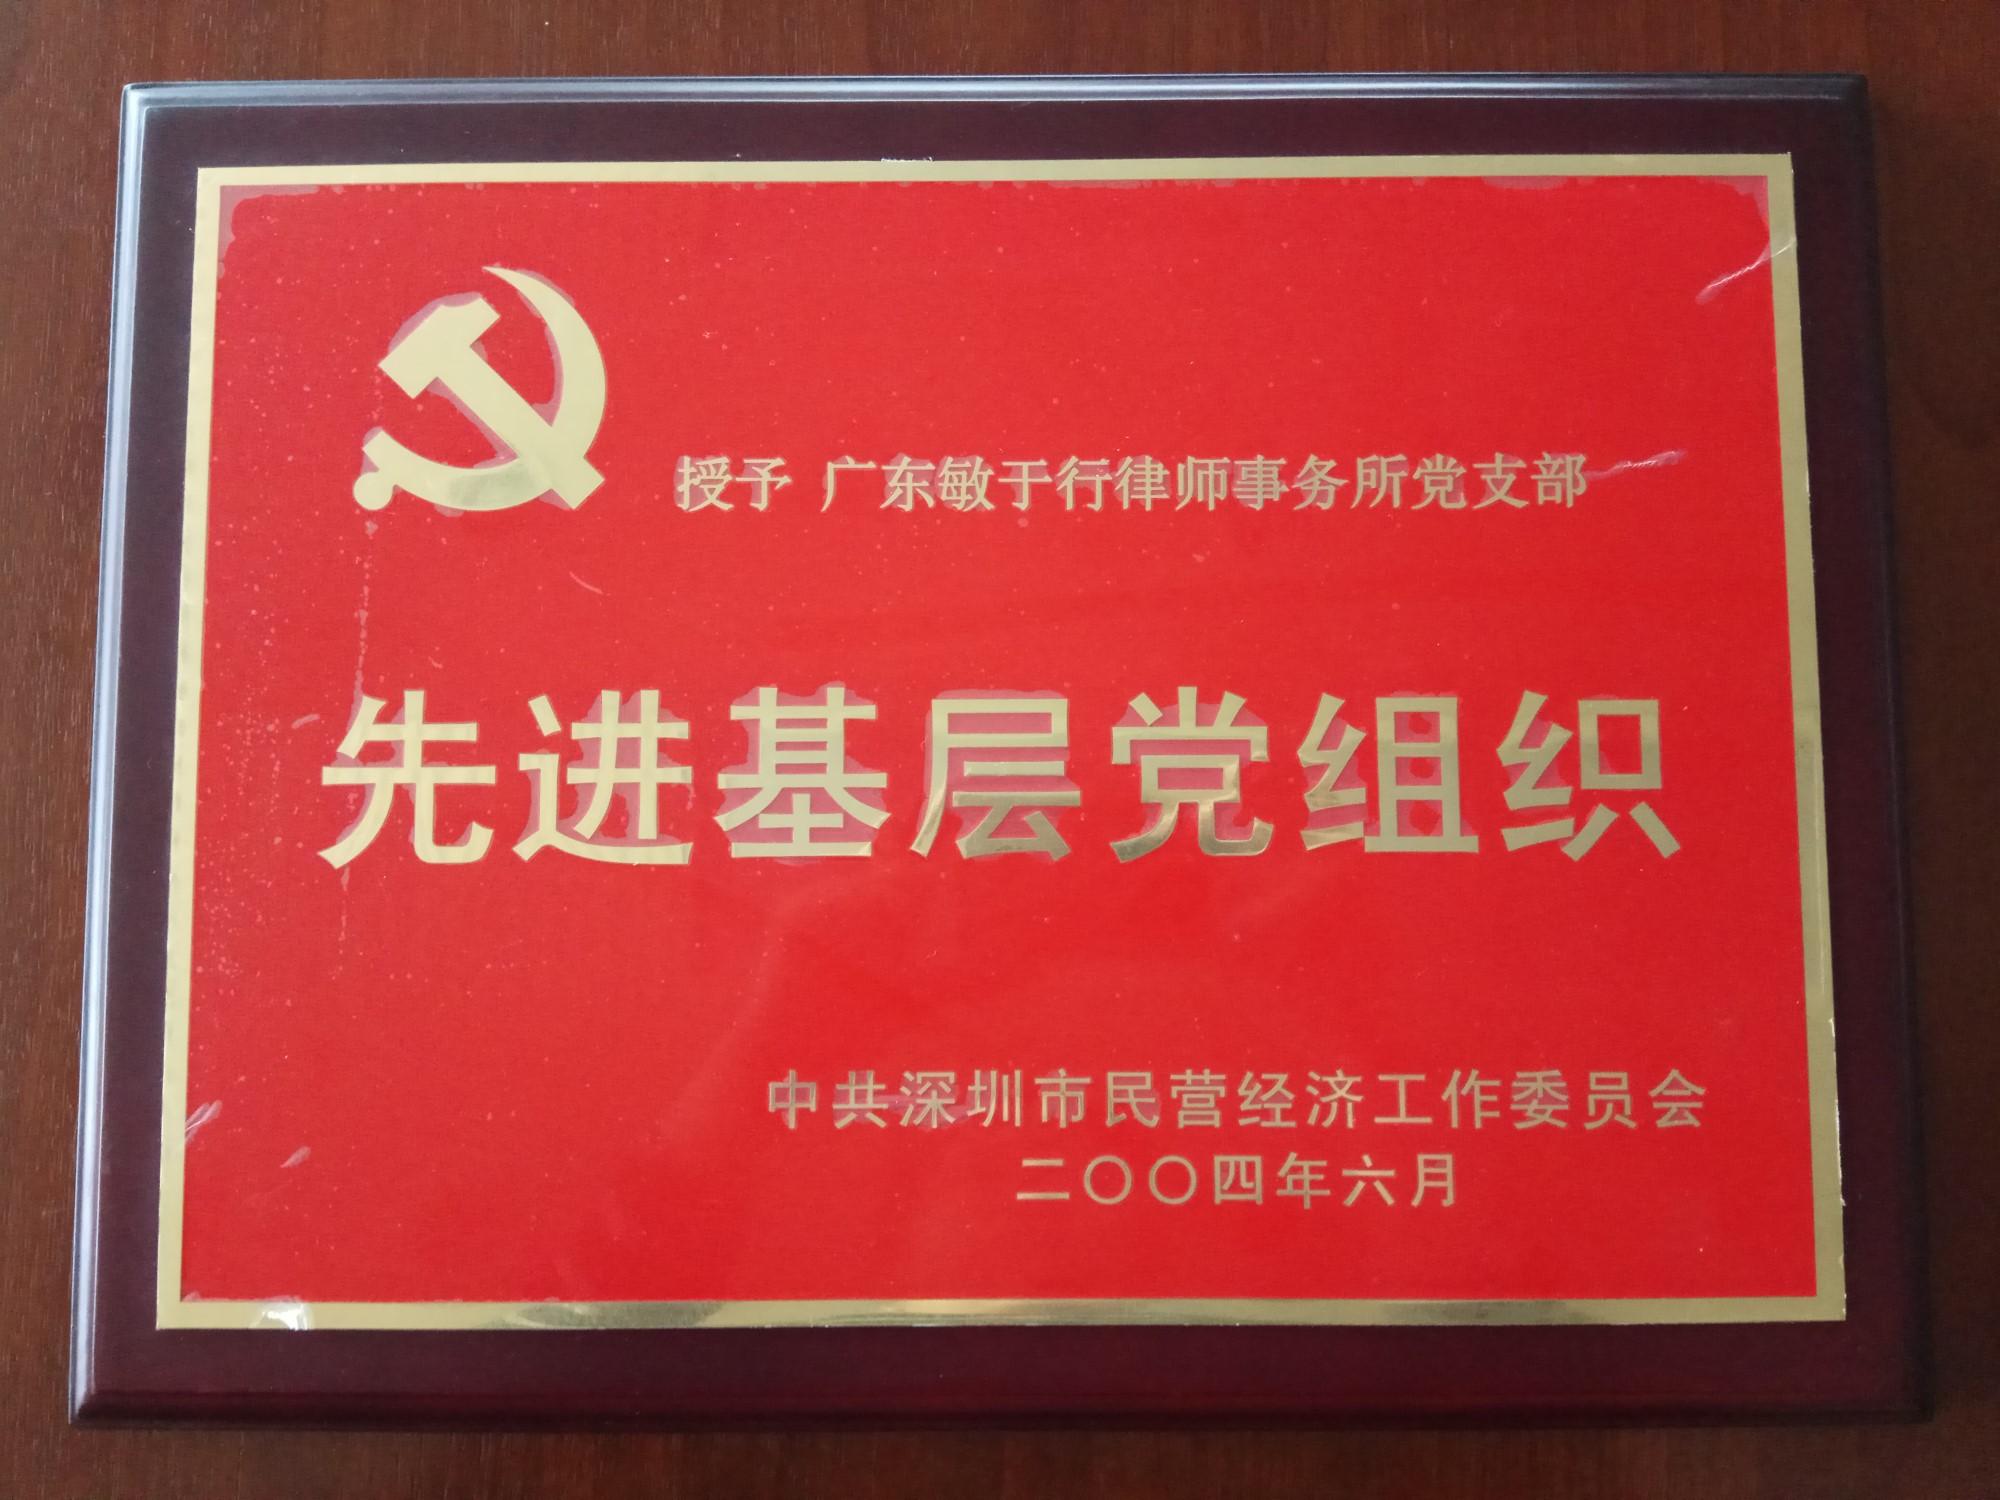 2004先进基层党组织